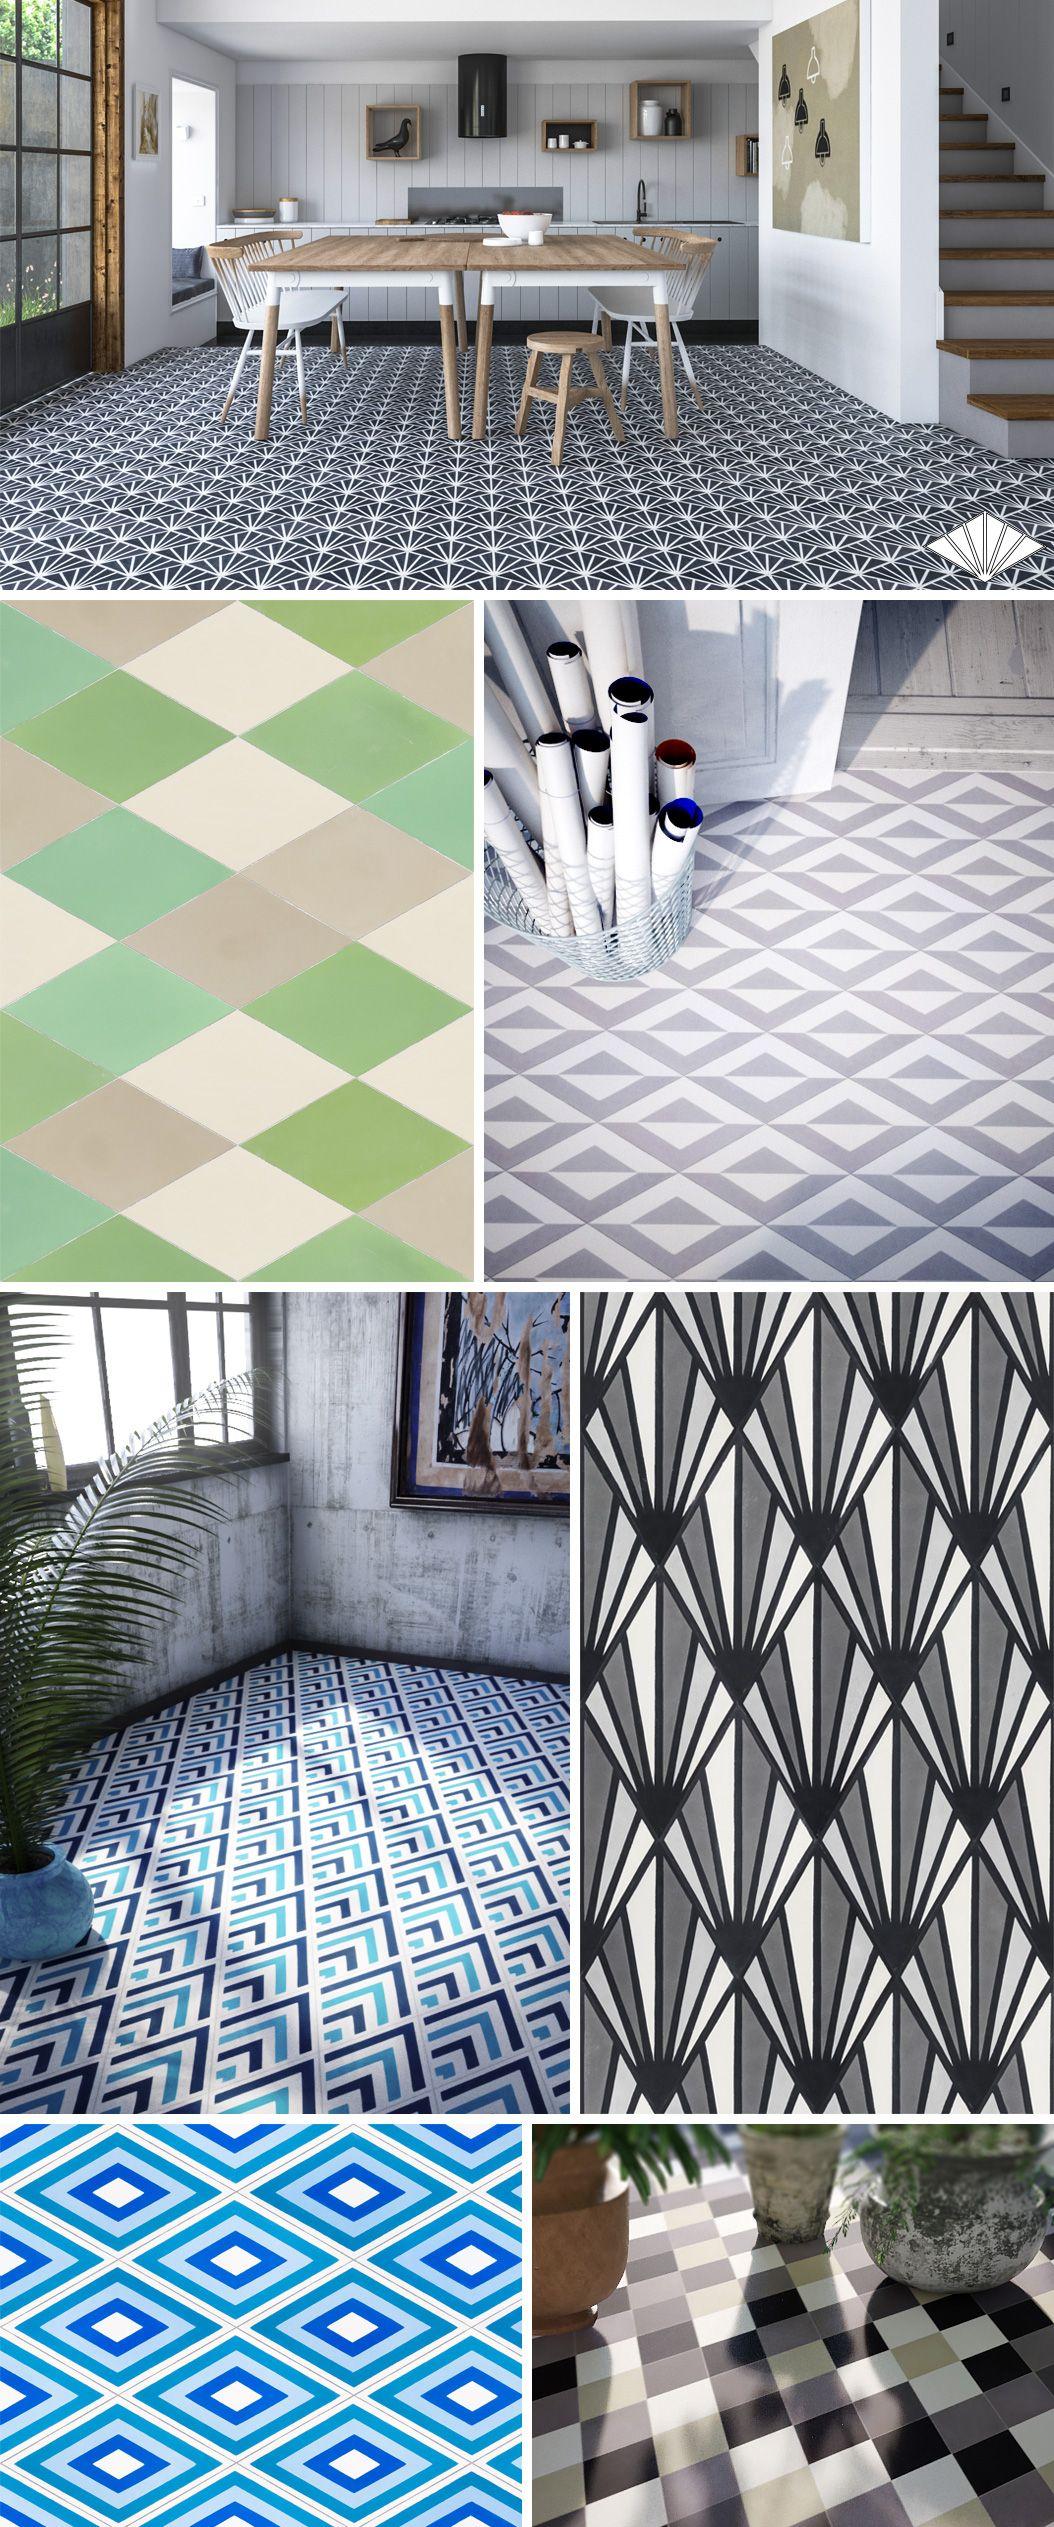 Diamond Shaped Encaustic Cement Tiles Patterns And Plain Tiles